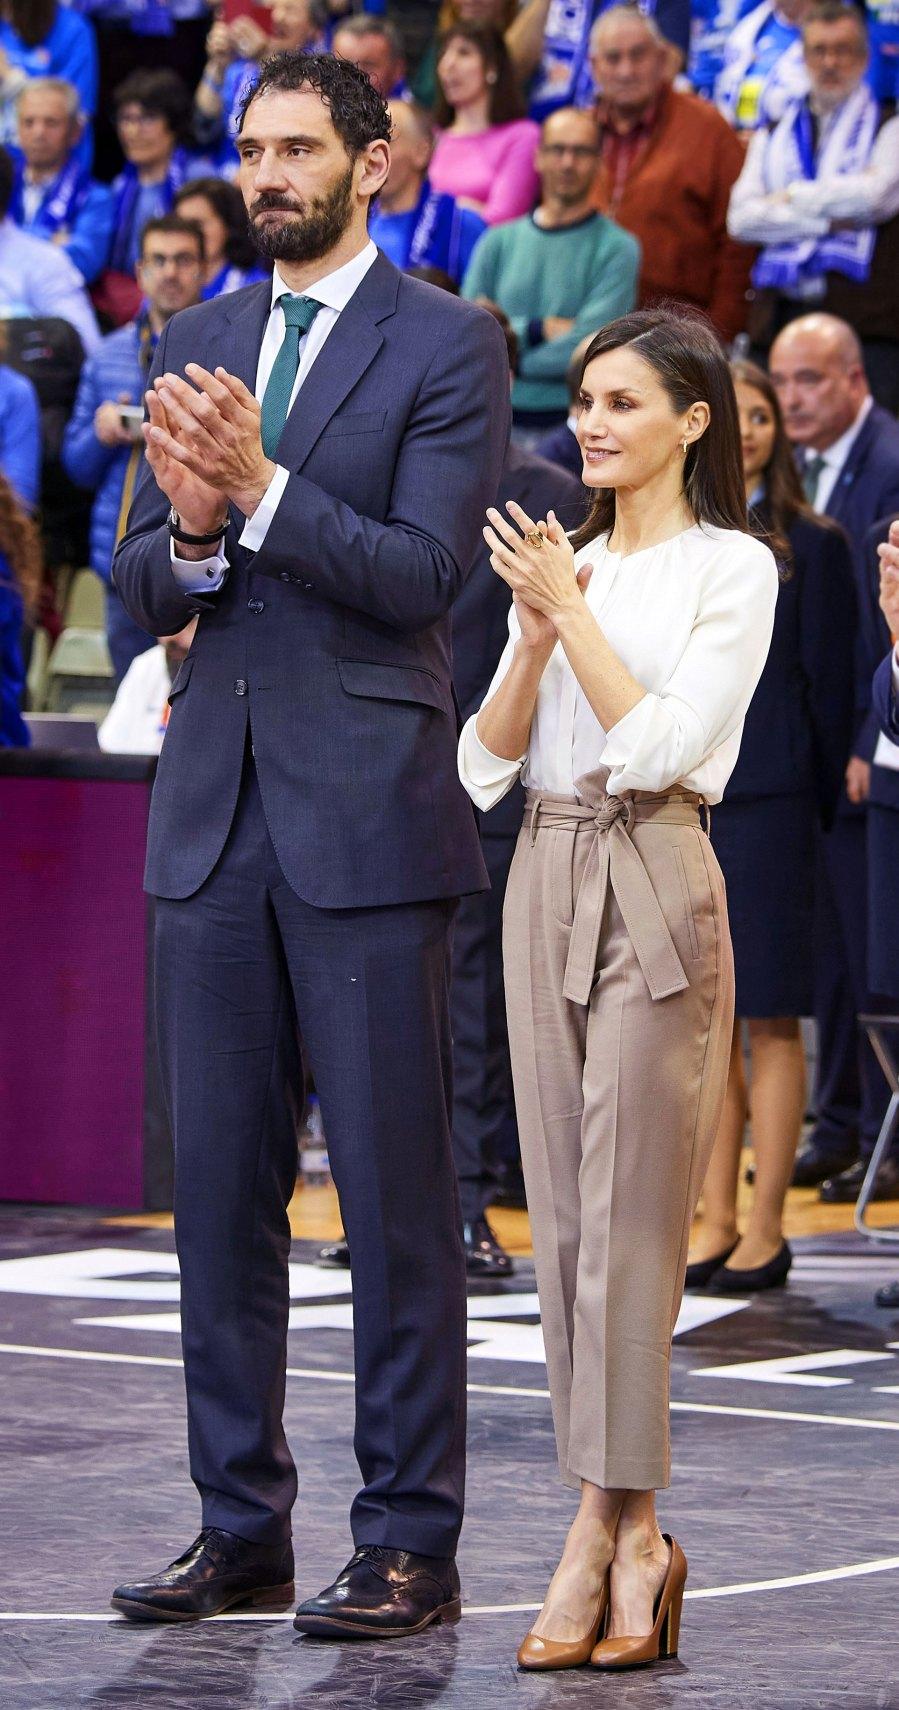 Queen Letizia Khaki Pants March 8, 2020